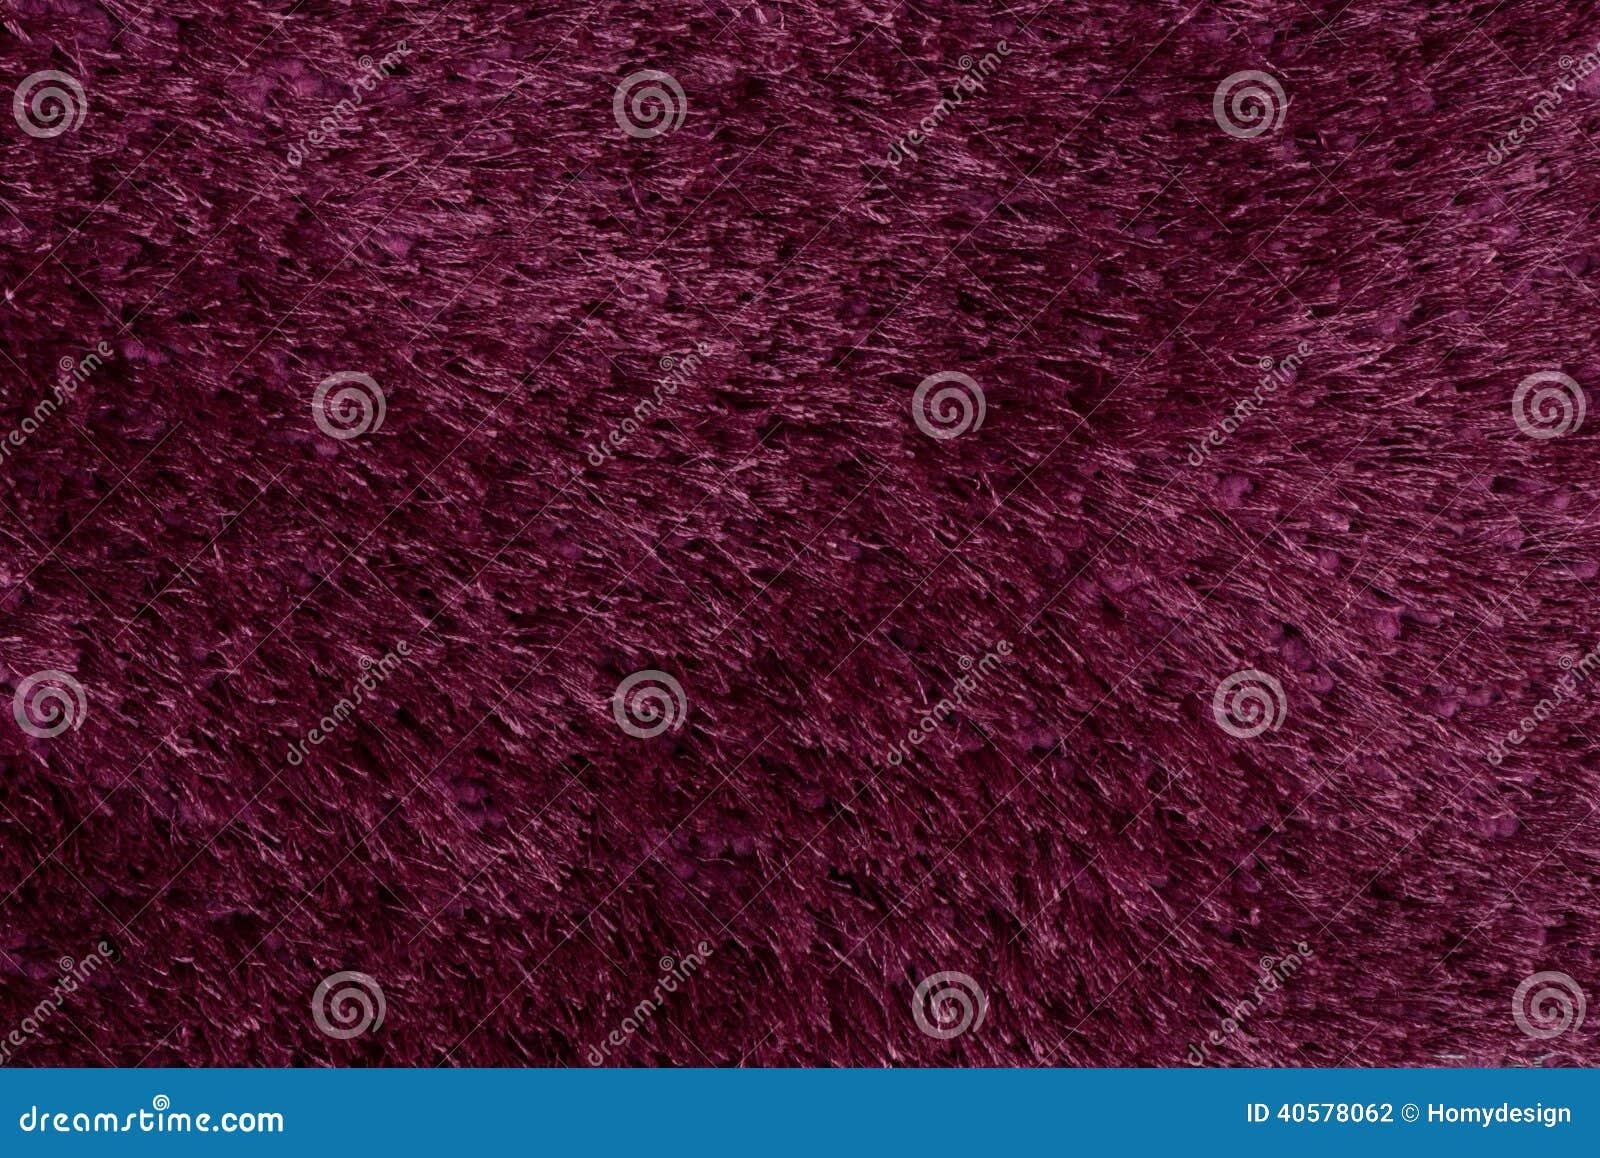 Розовый ковер